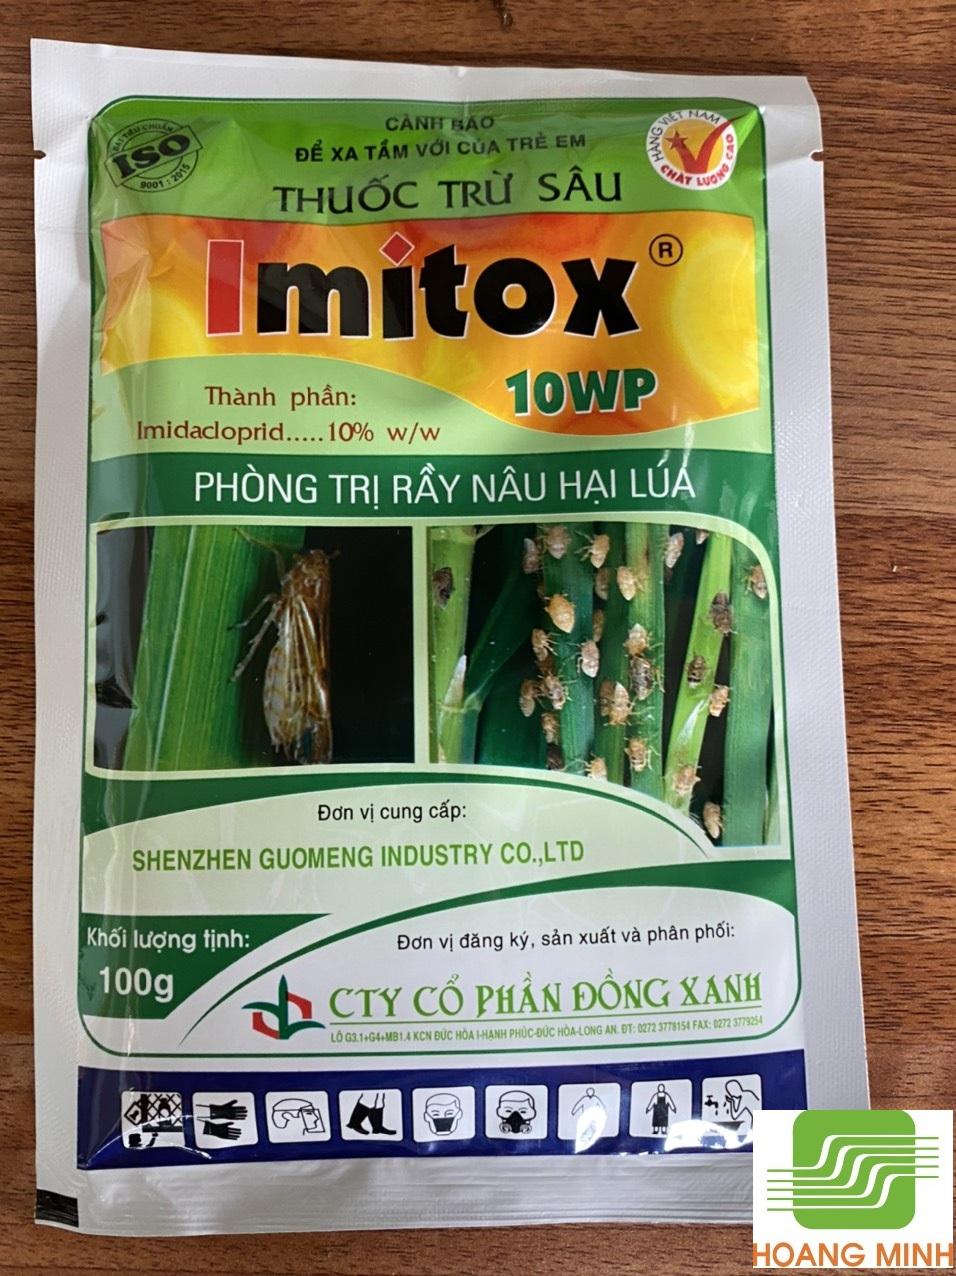 mitox 10WP – THUỐC TRỪ SÂU